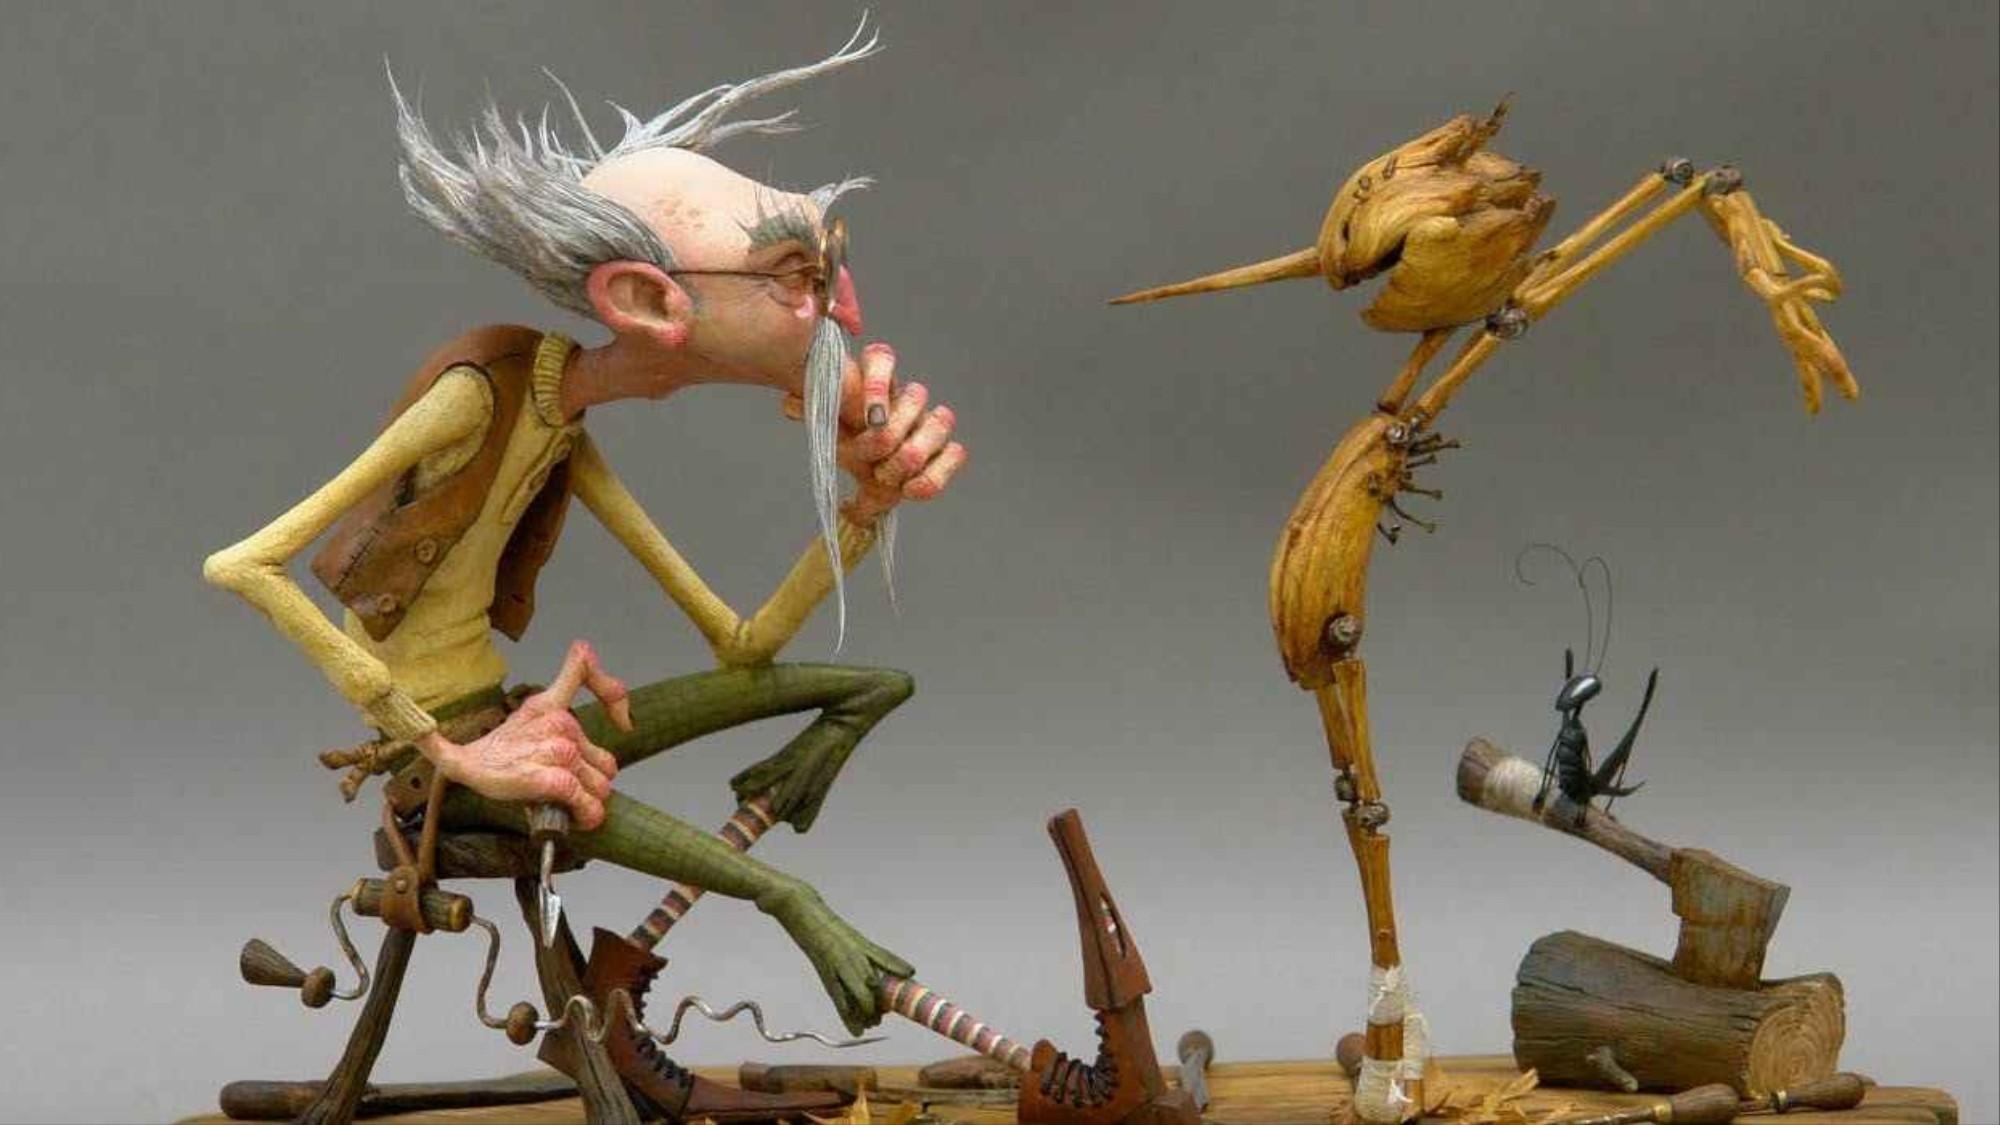 Bocetos de Del Toro y Grim Grimly